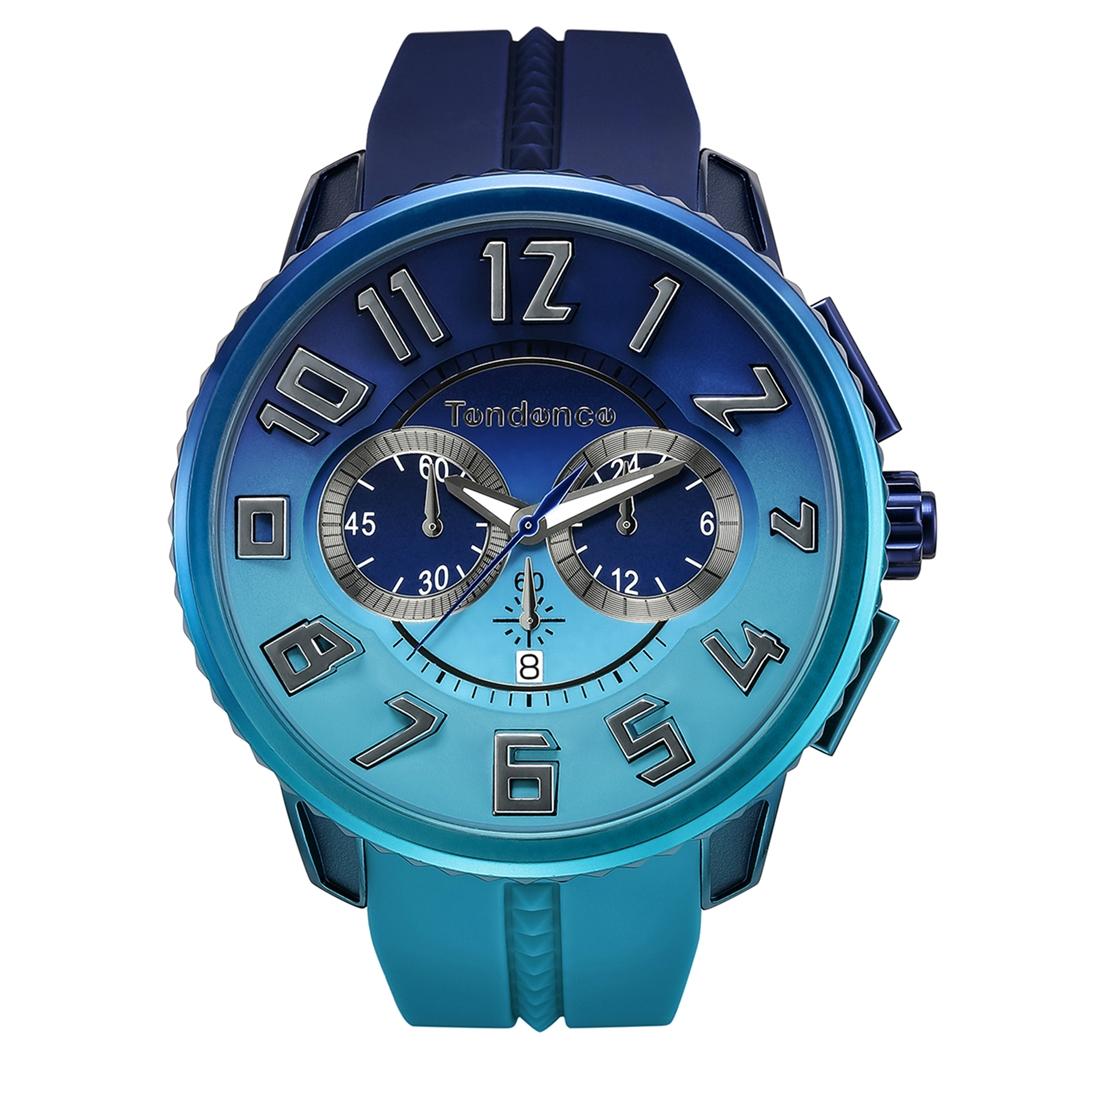 【今ならオーバーサイズノートプレゼント】 テンデンス Tendence TY146101 ディカラー オーシャン(海) 日本限定モデル 正規品 腕時計